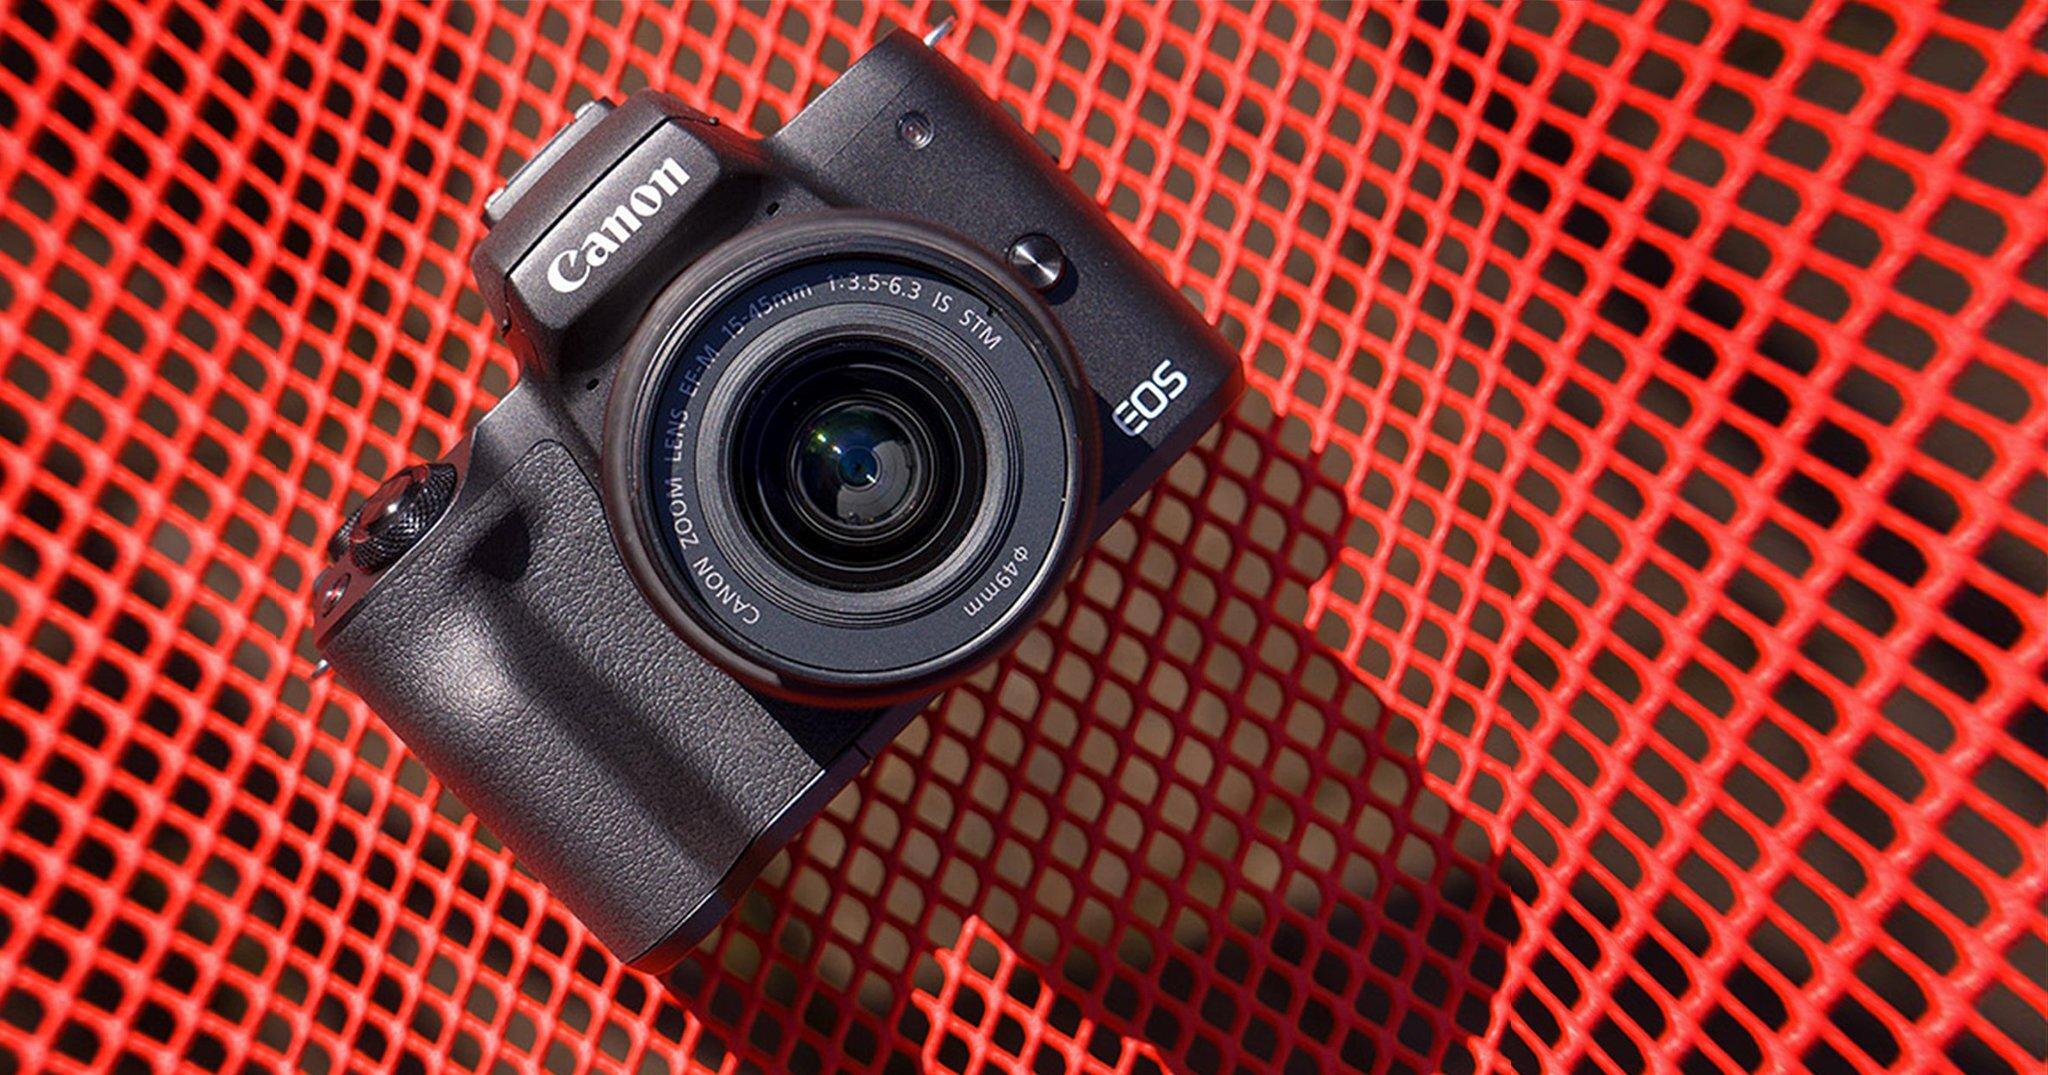 Dung lượng pin của máy Canon được đánh giá cao